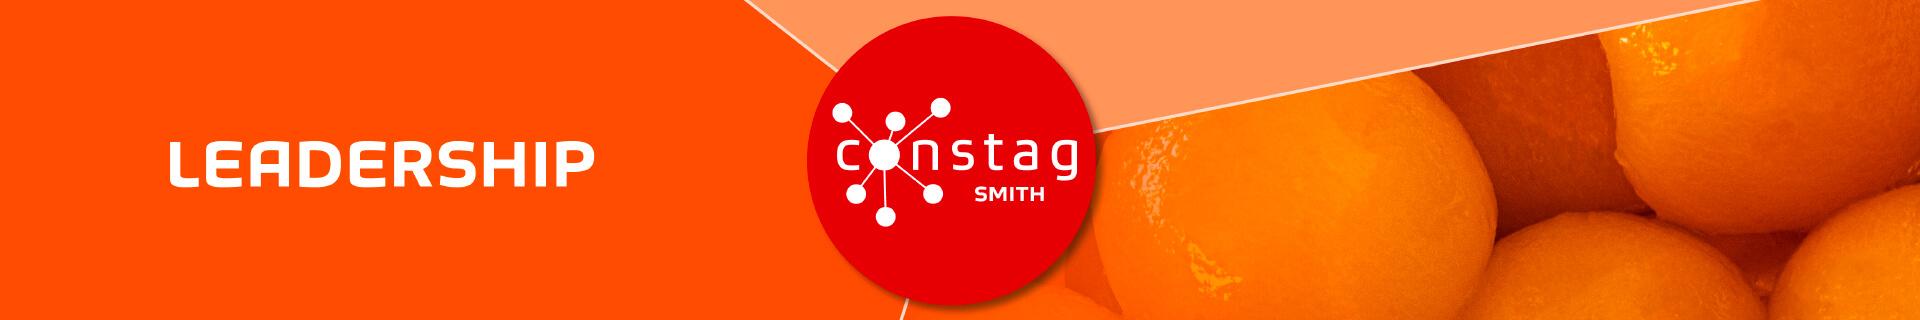 Constag Produkte Leadership SMITH